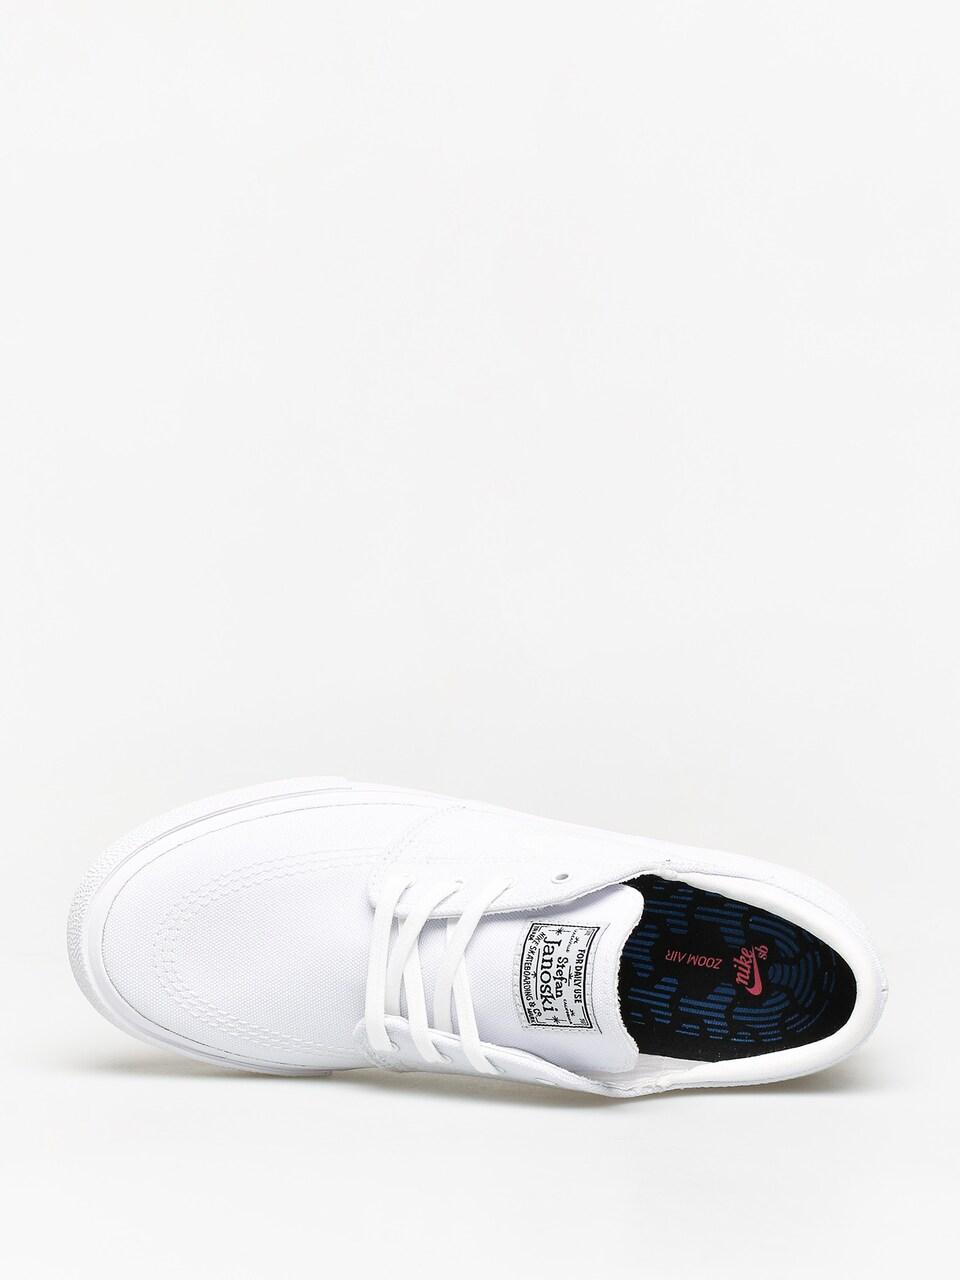 Nike SB Zoom Janoski Canvas Rm Shoes